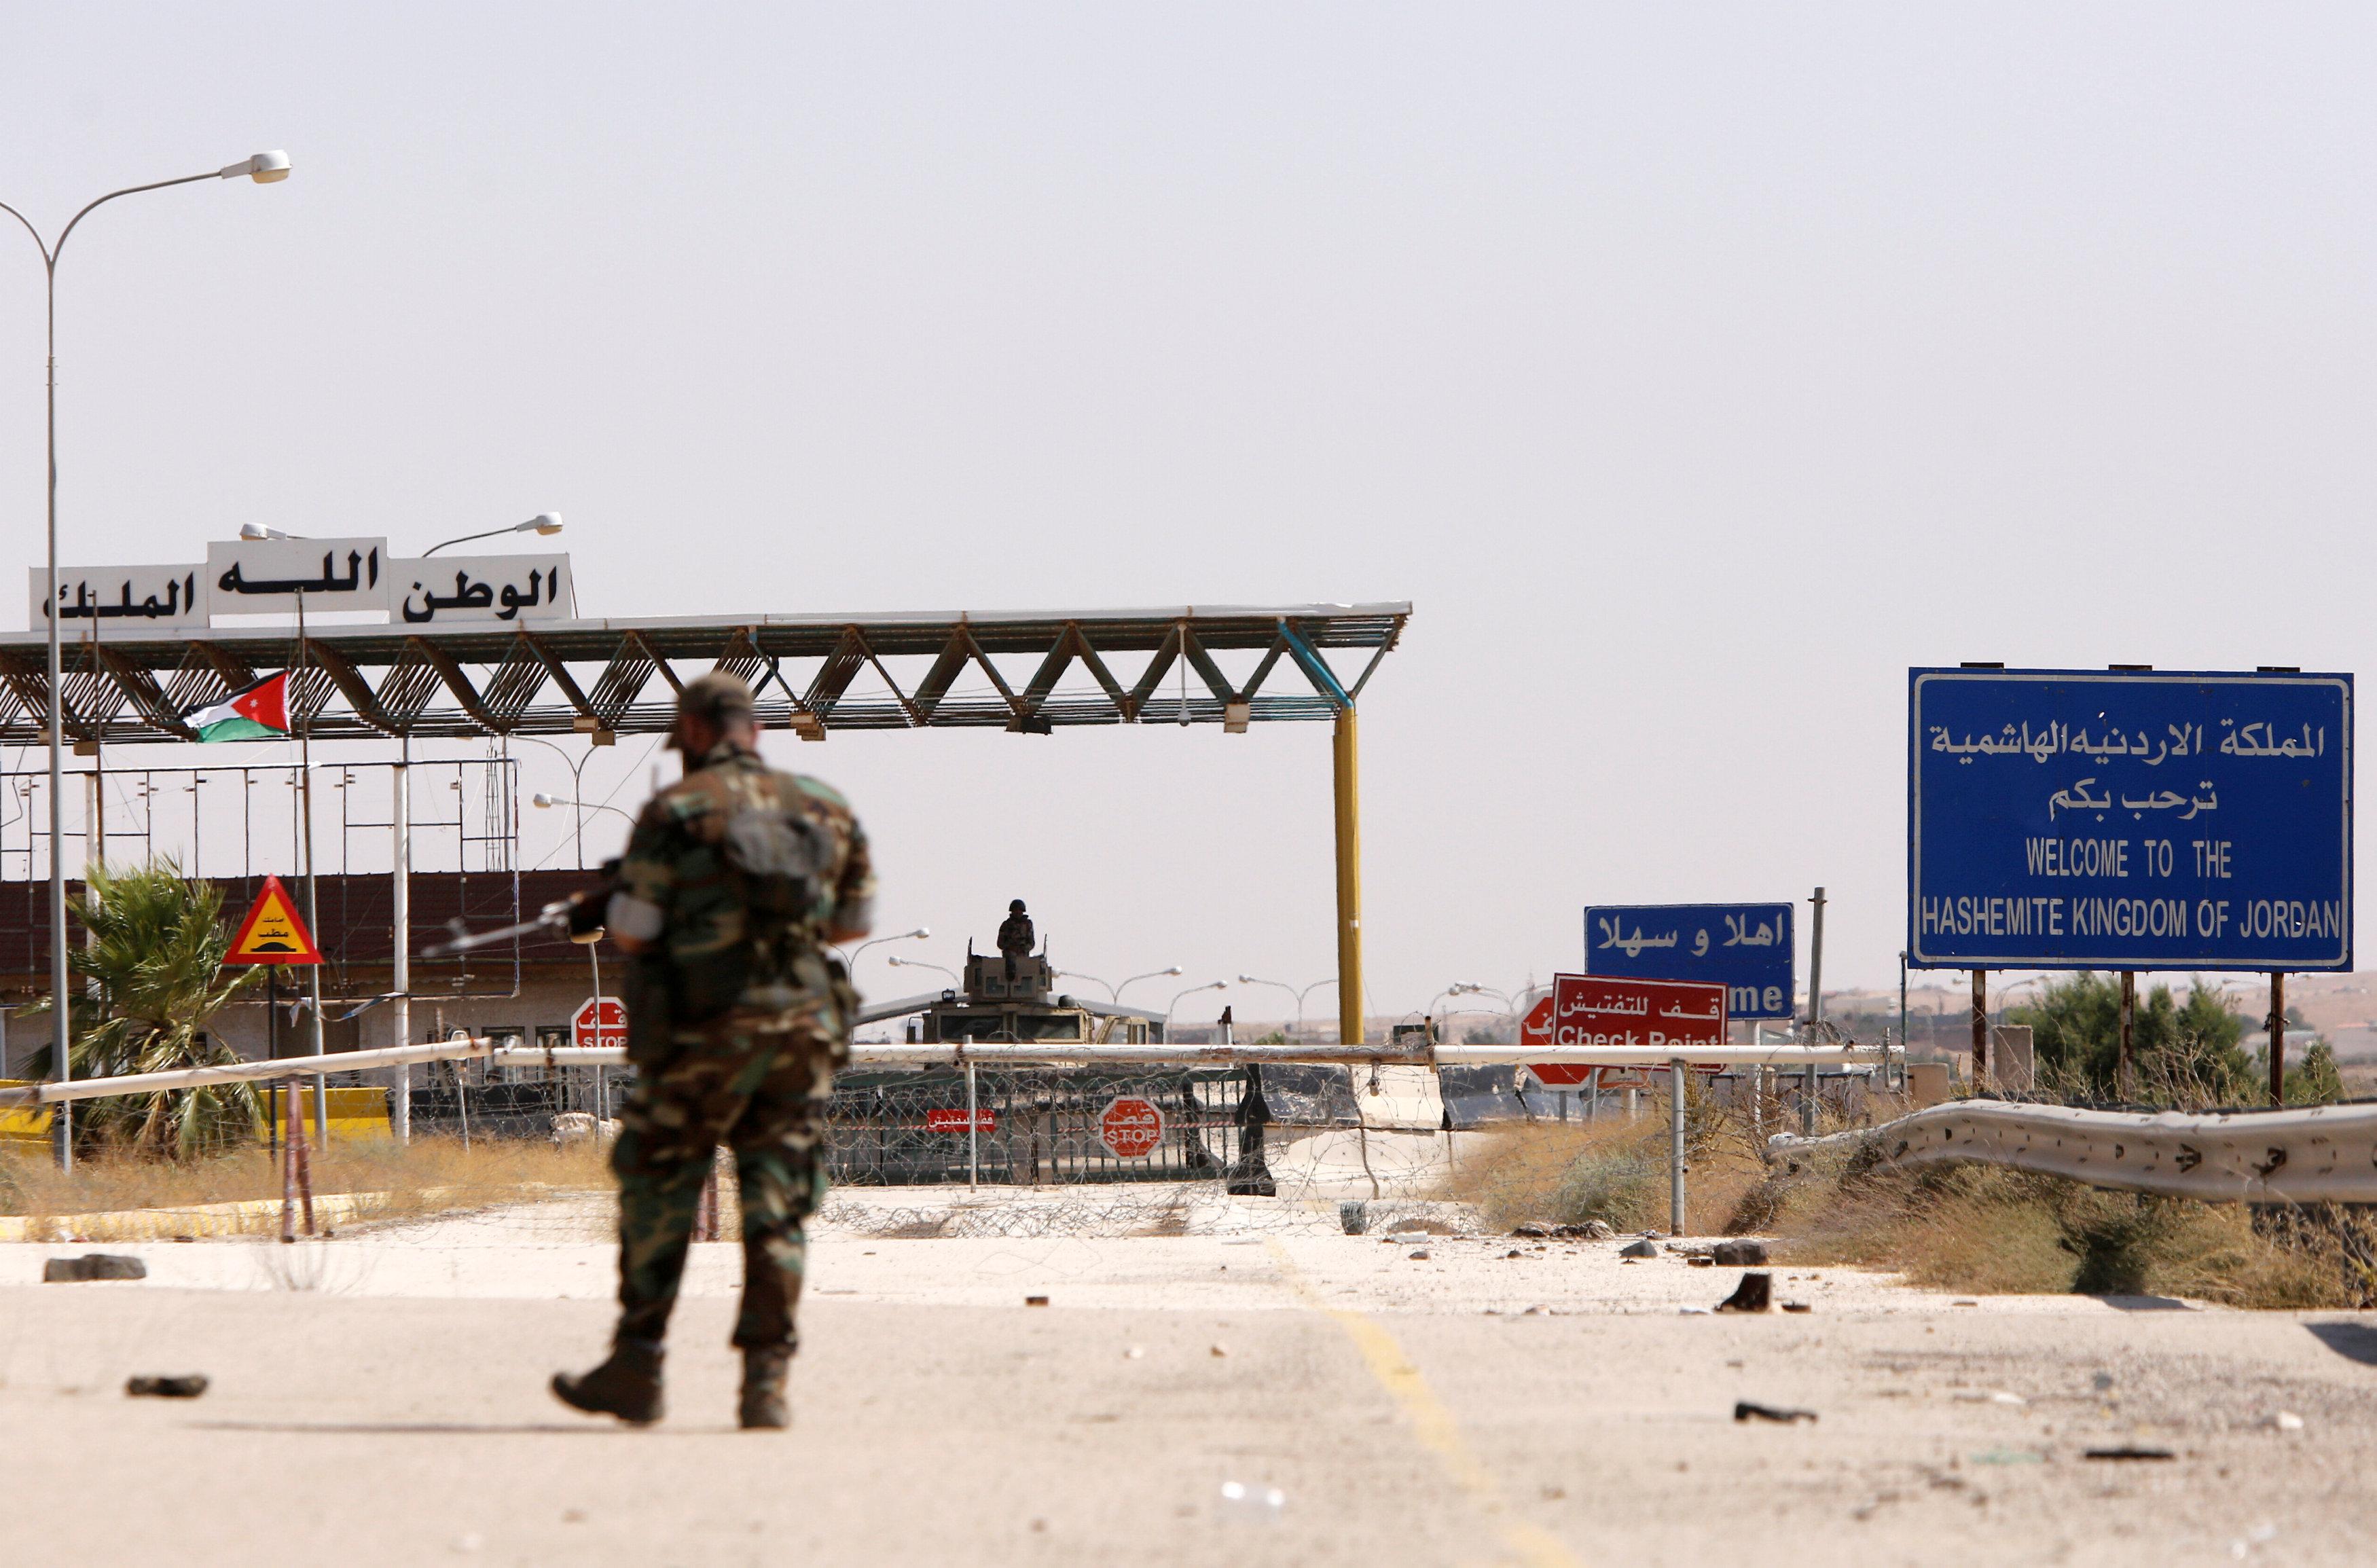 أحد الجنود فى المنطقة الحدودية بين الأردن وسوريا